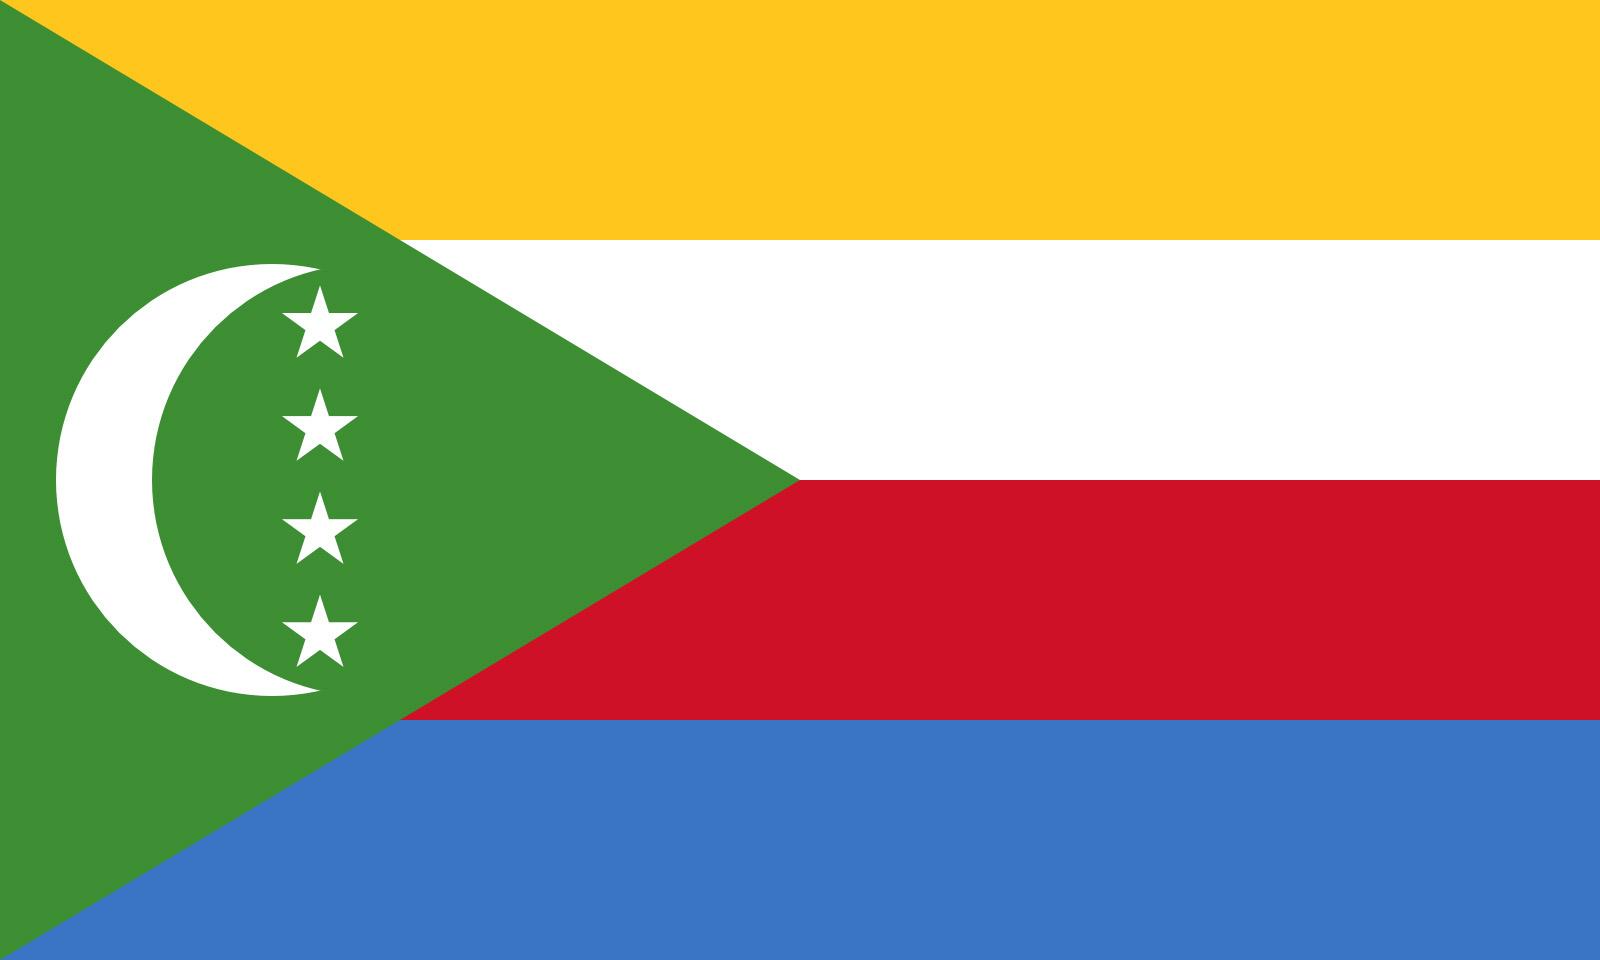 جمهورية القمر الاتحادية الإسلامية